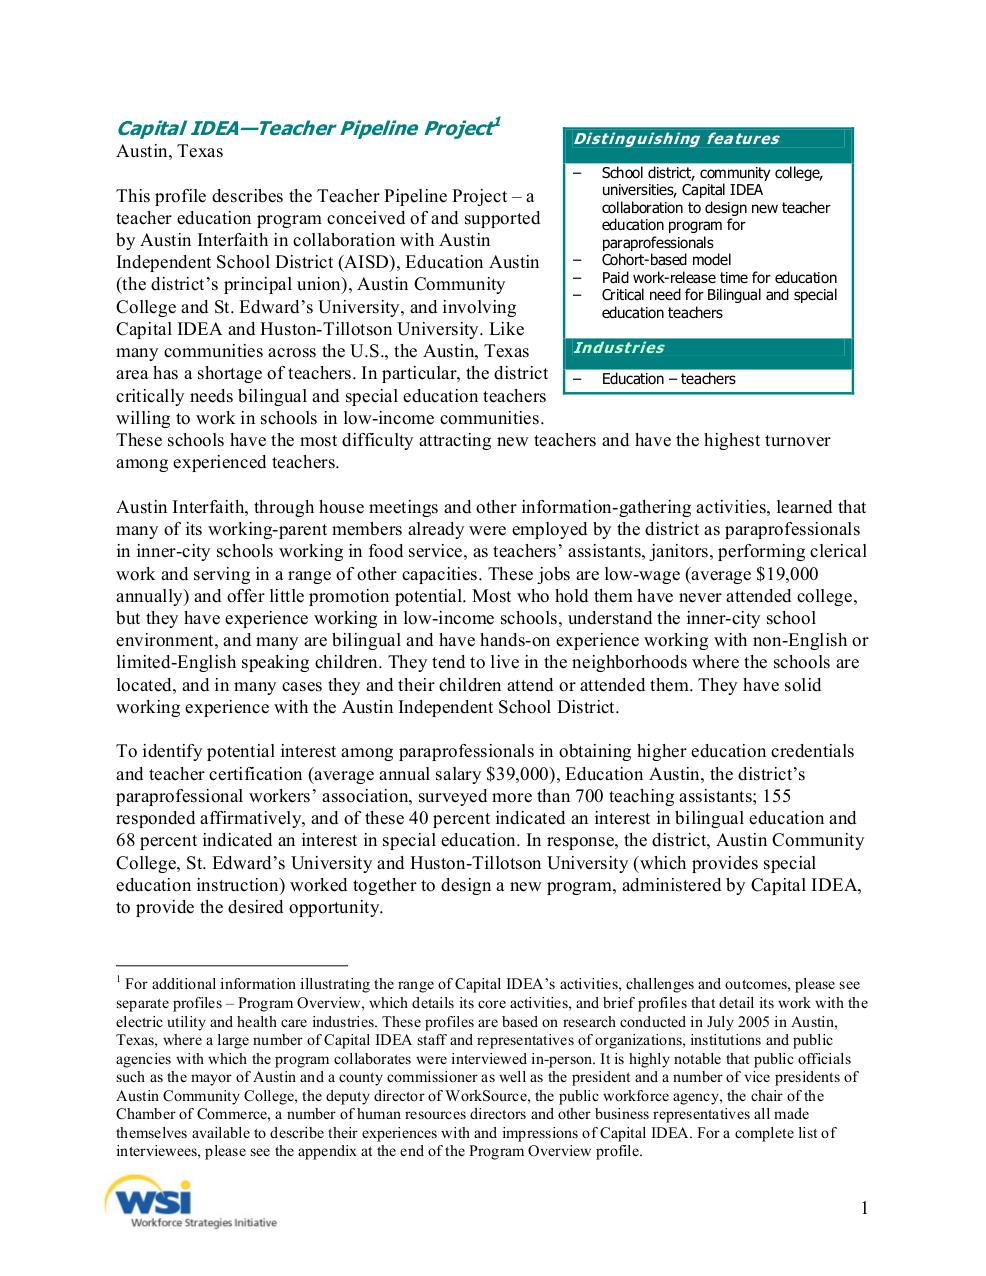 capital idea – teacher pipeline project (austin, tex.) - the aspen